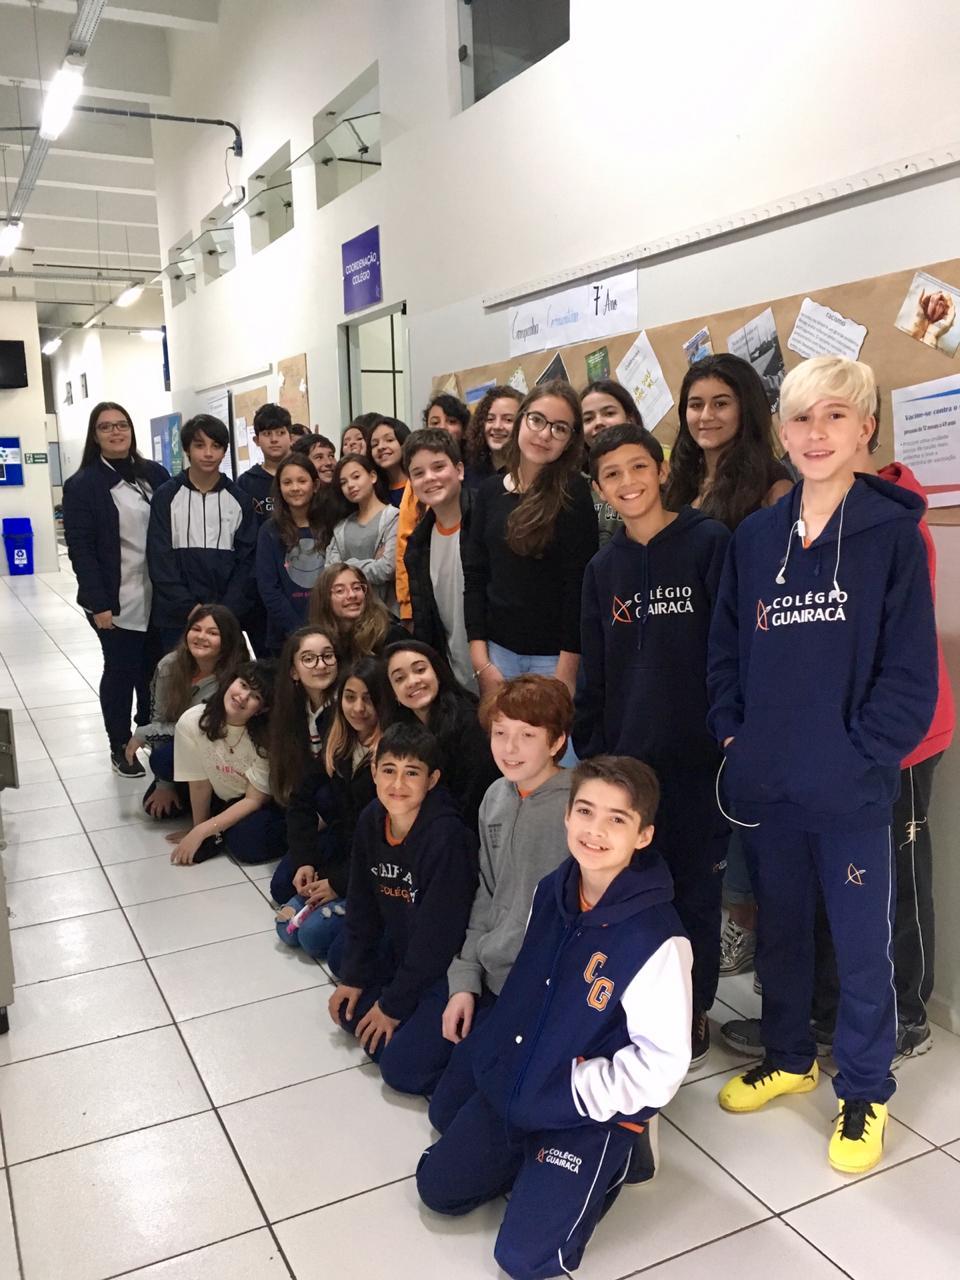 Campanhas comunitárias do Colégio Guairacá conscientizam sobre temas atuais